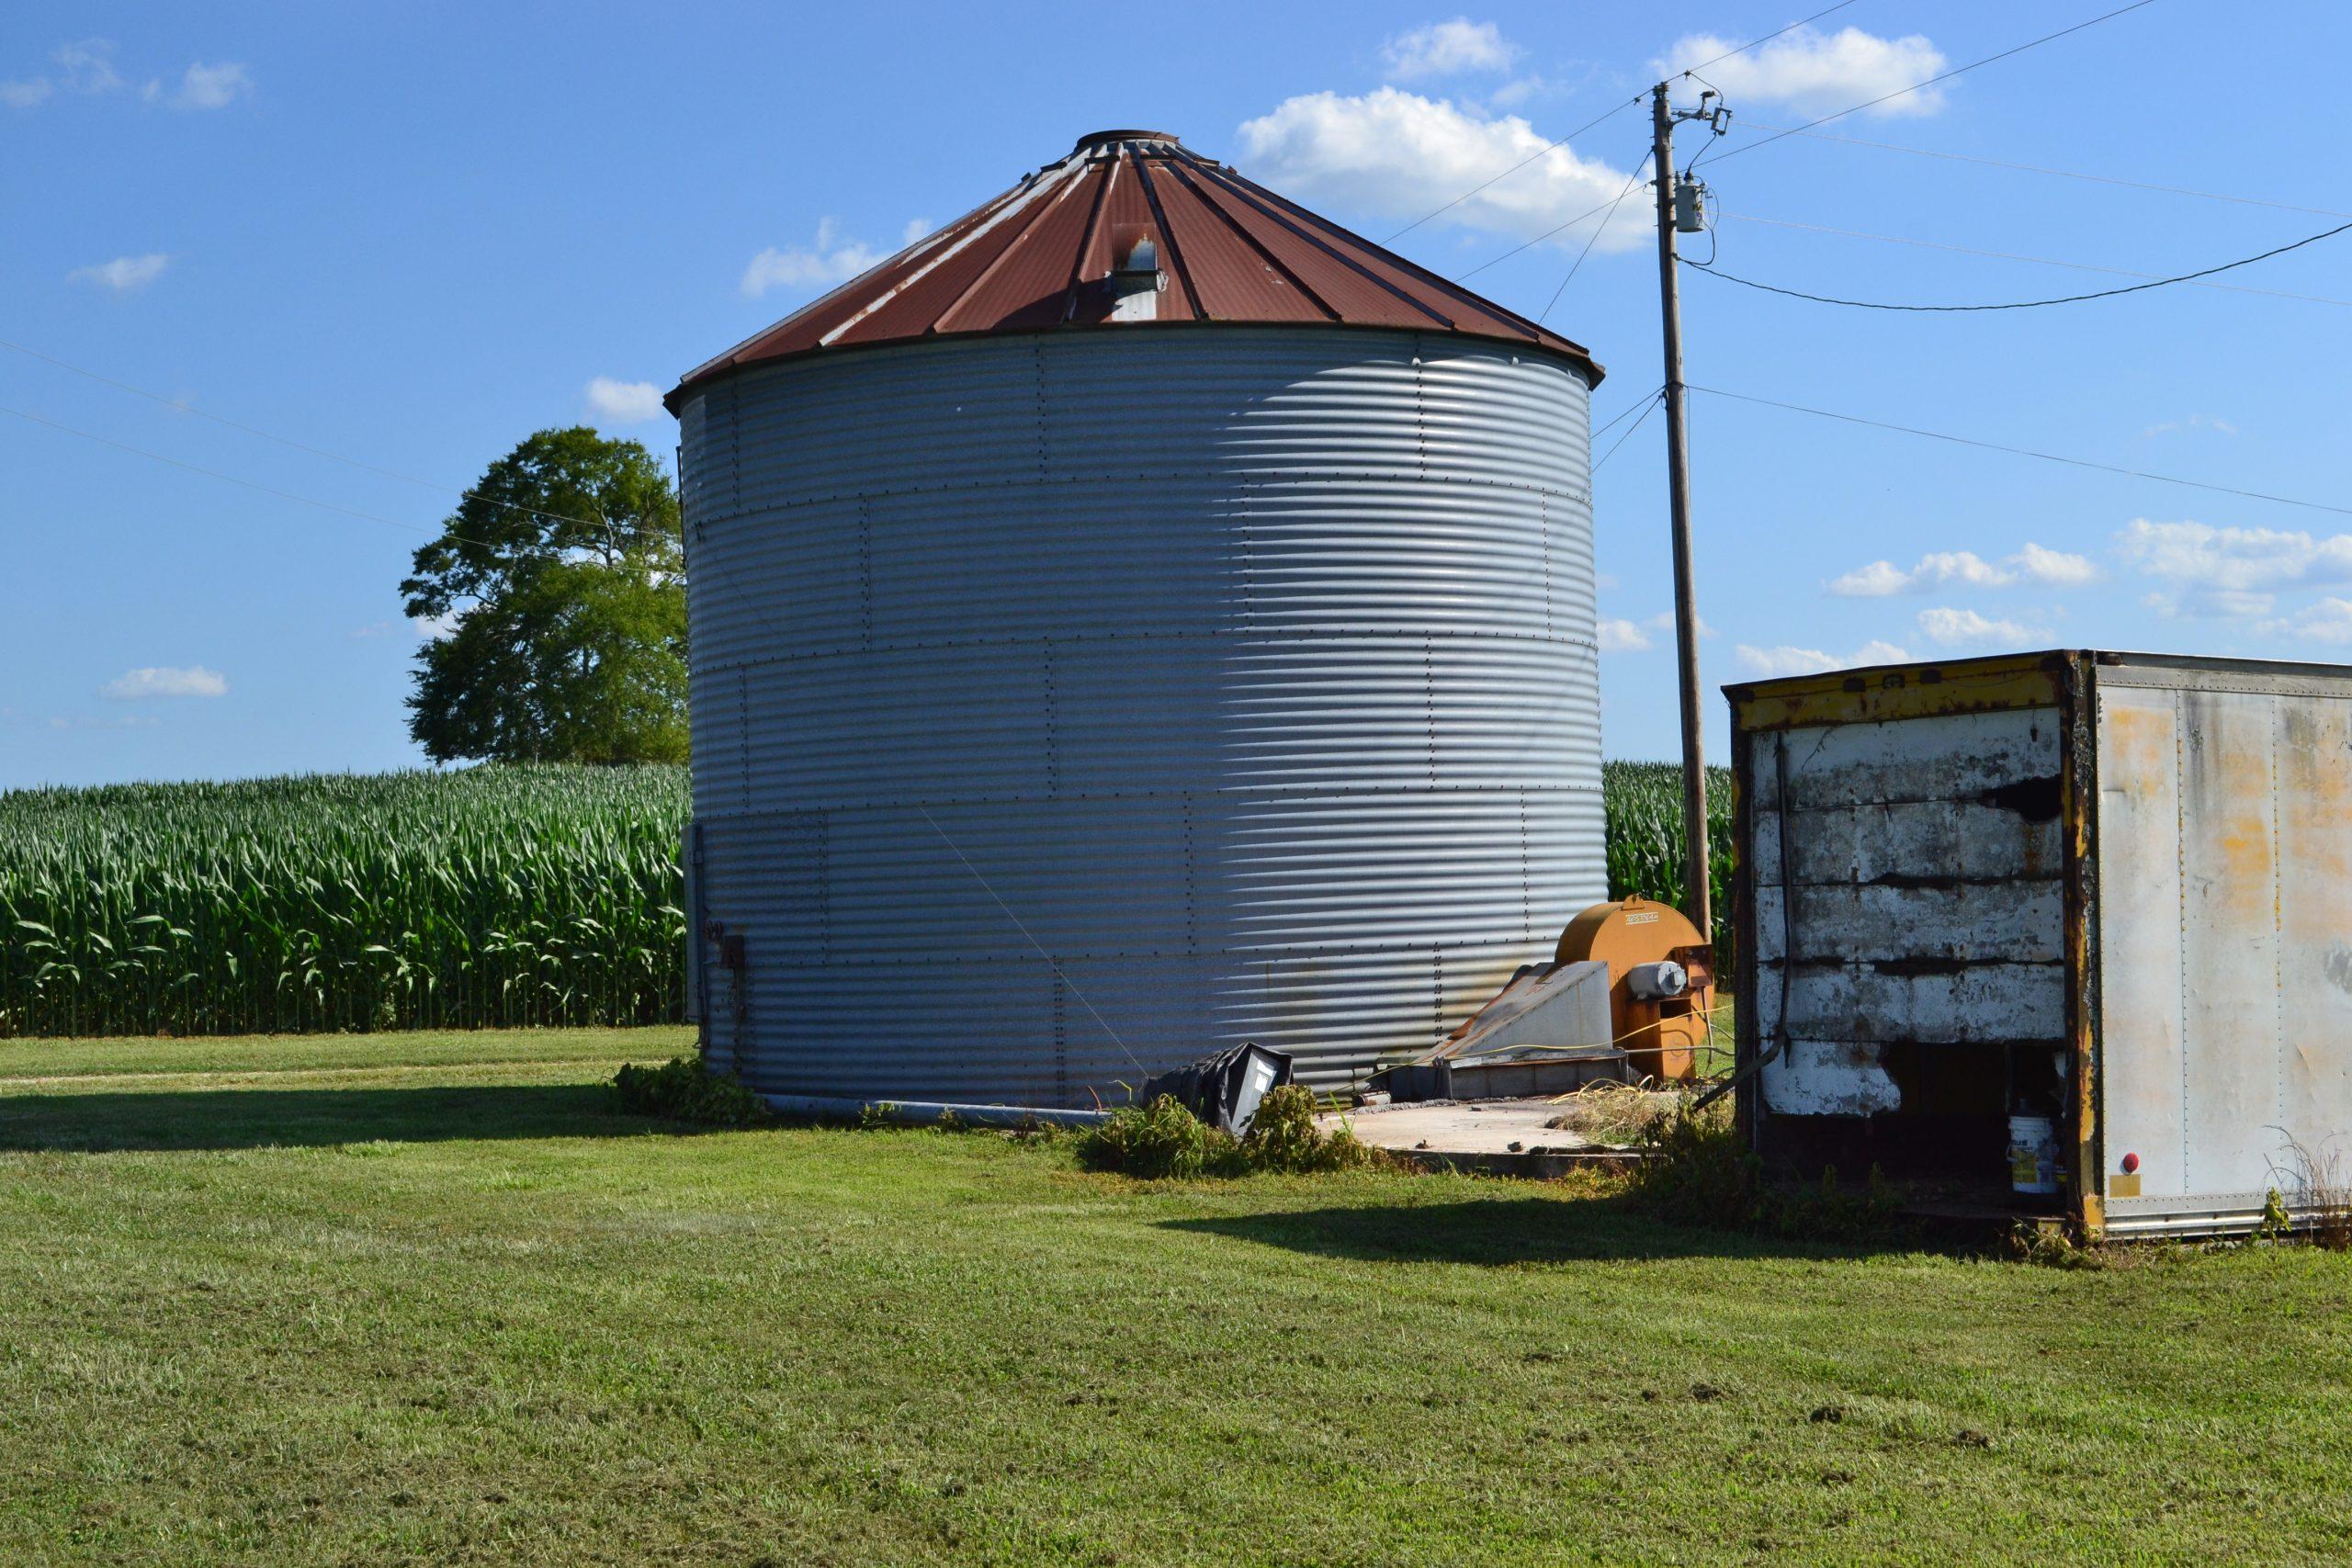 grain silo in a field